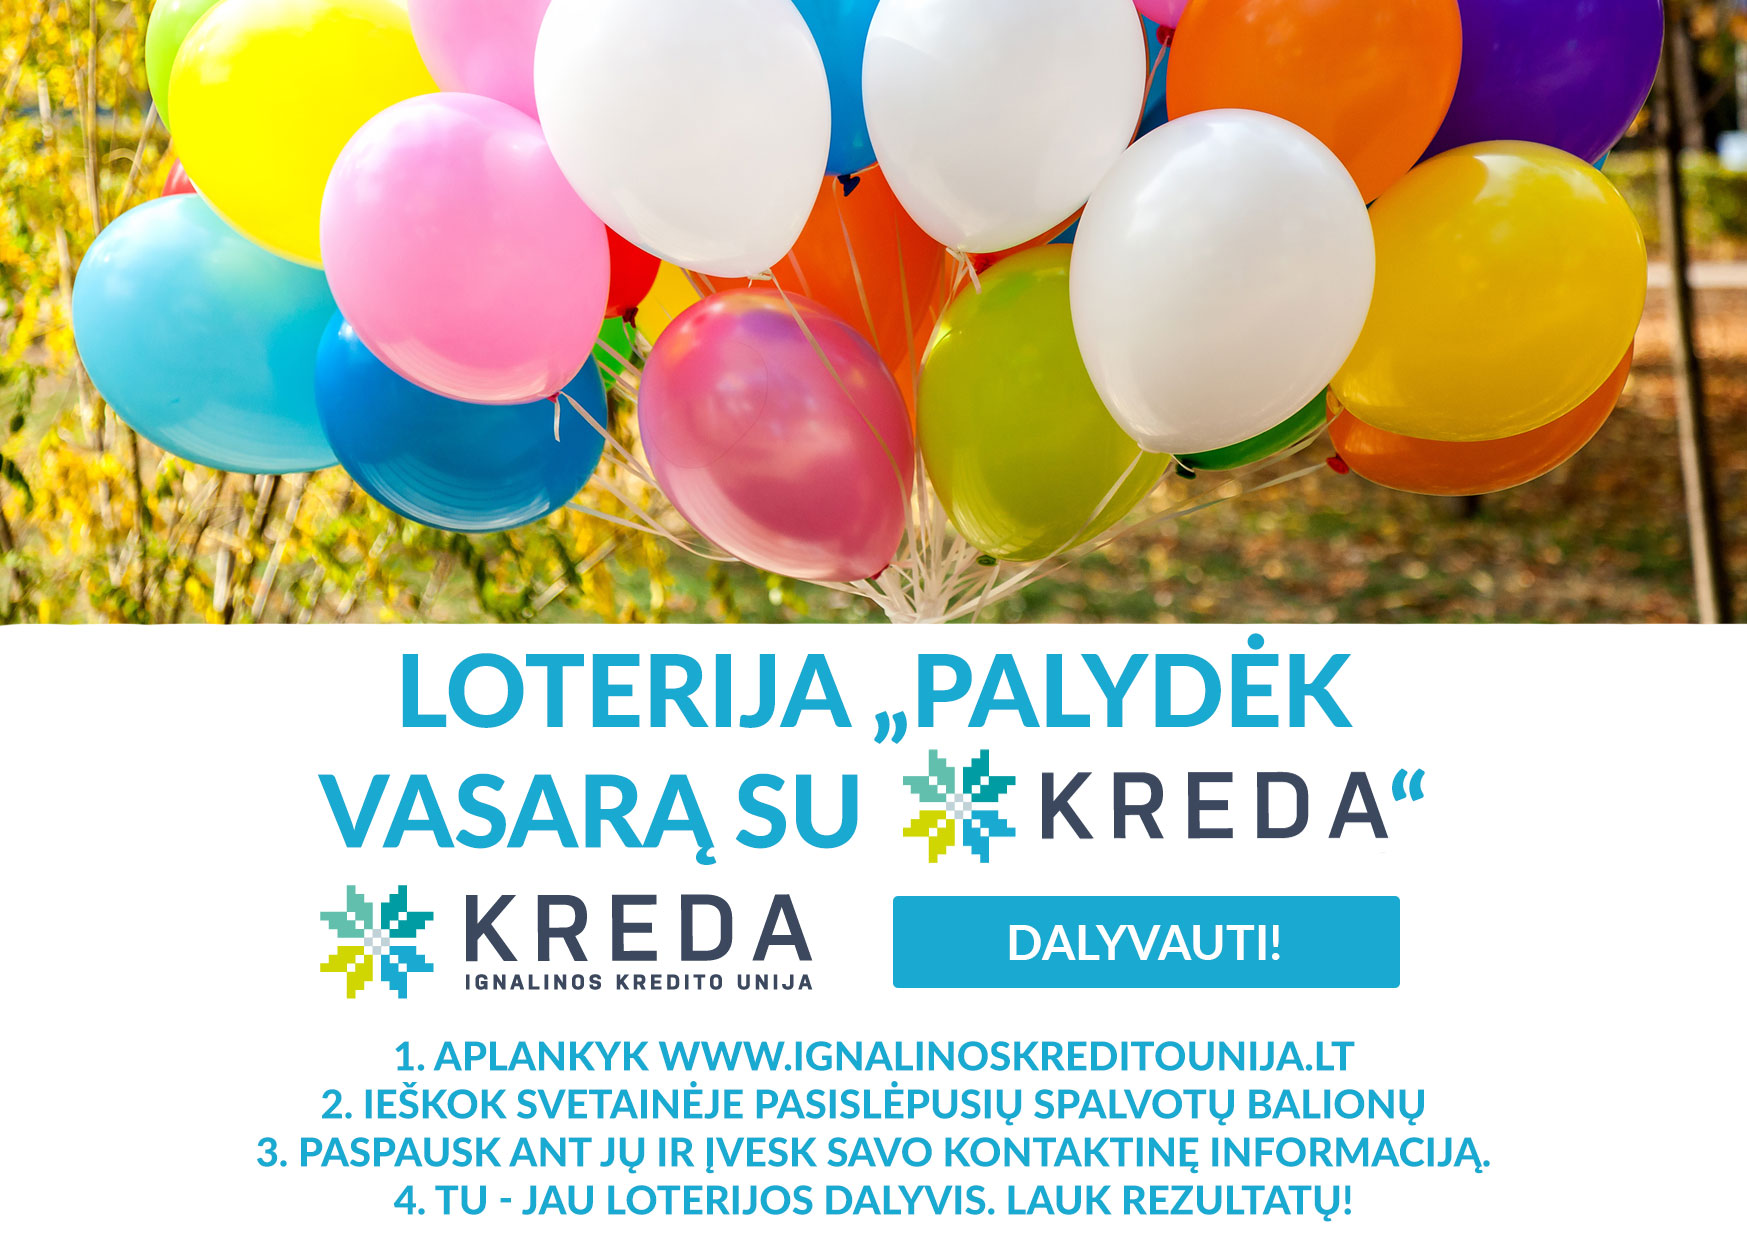 """Ignalinos kredito unija dega žalią šviesą loterijai """"Palydėk vasarą su KREDA"""""""